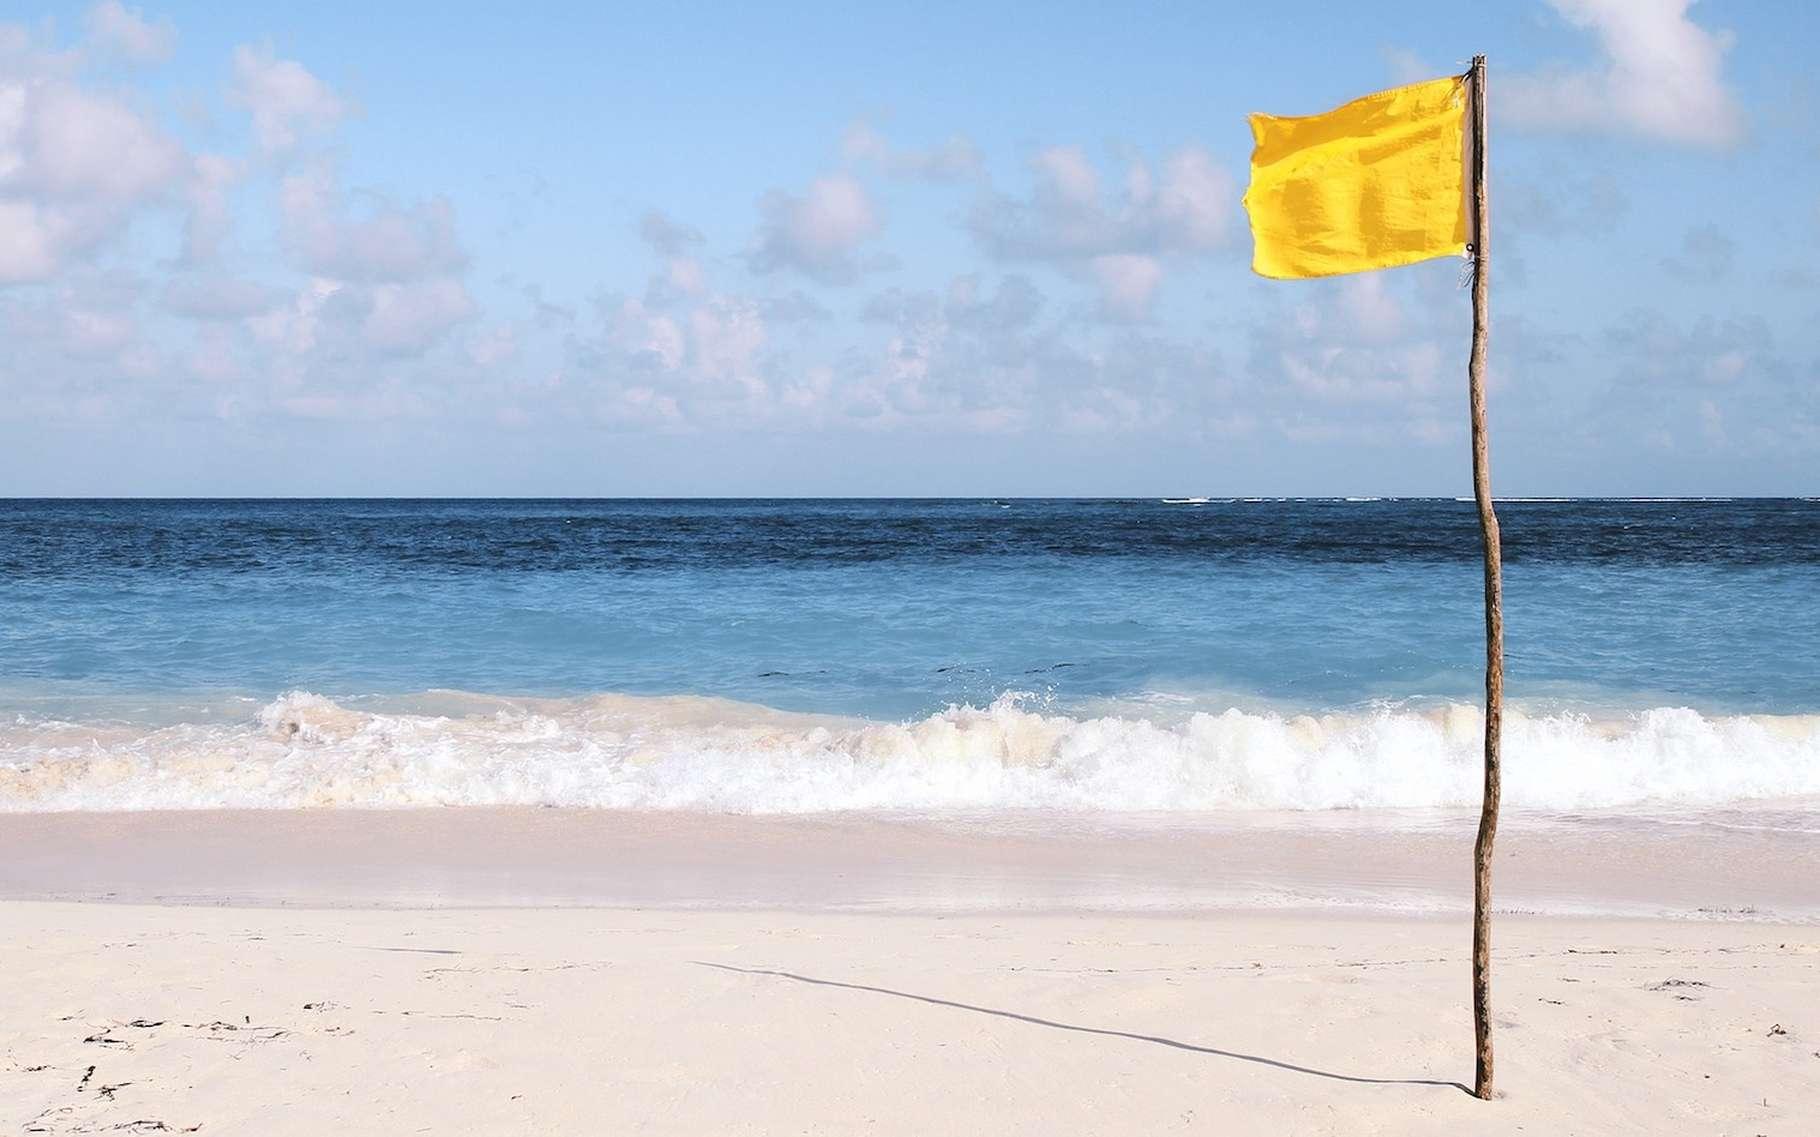 Sur la plage, la couleur des drapeaux donne des indications de sécurité. © Foundry, Fotolia